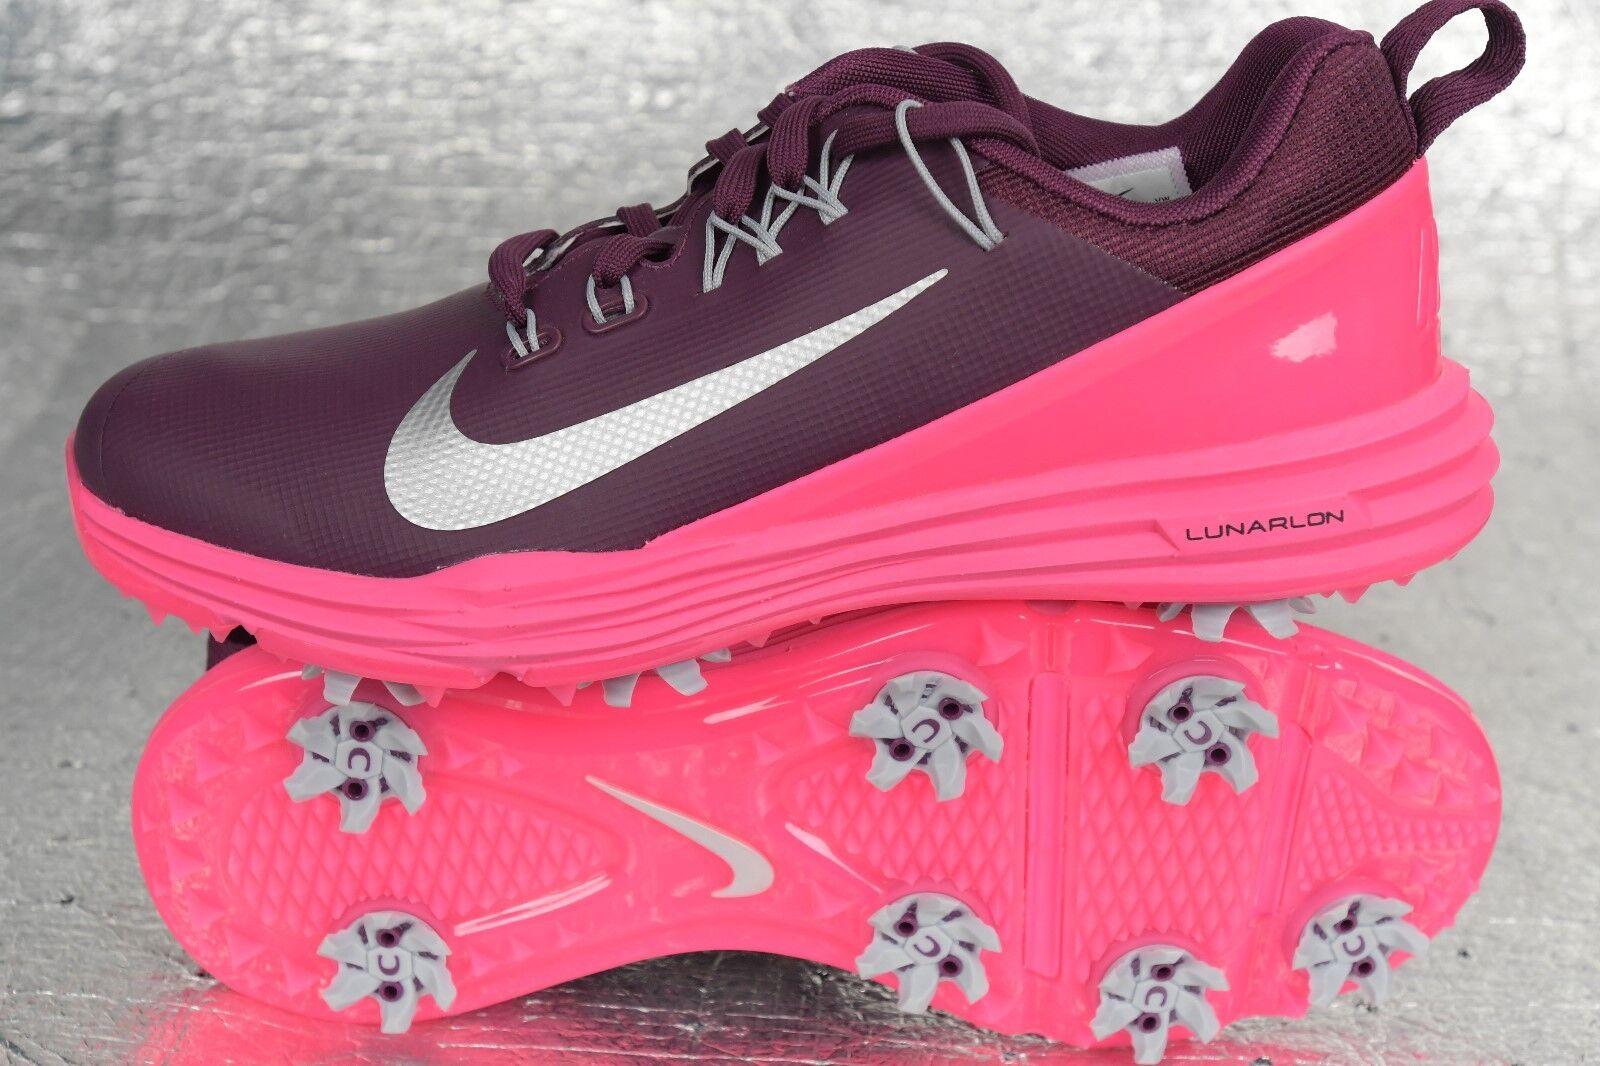 6e18732fb85335 Nike Women s Lunar Command 2 Golf Shoes Size 6 Pink Bordeaux 880120 ...